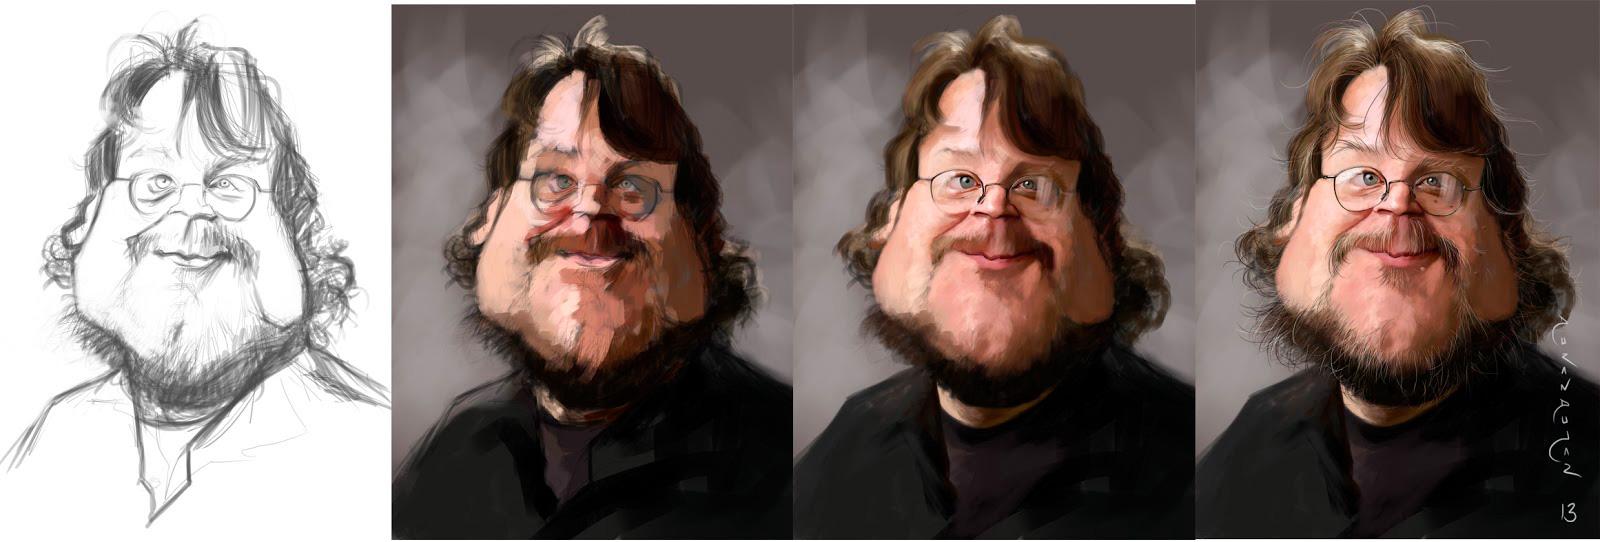 """Caricature process of """"Guillermo Del Toro"""" by Antonio Durán Andújar"""